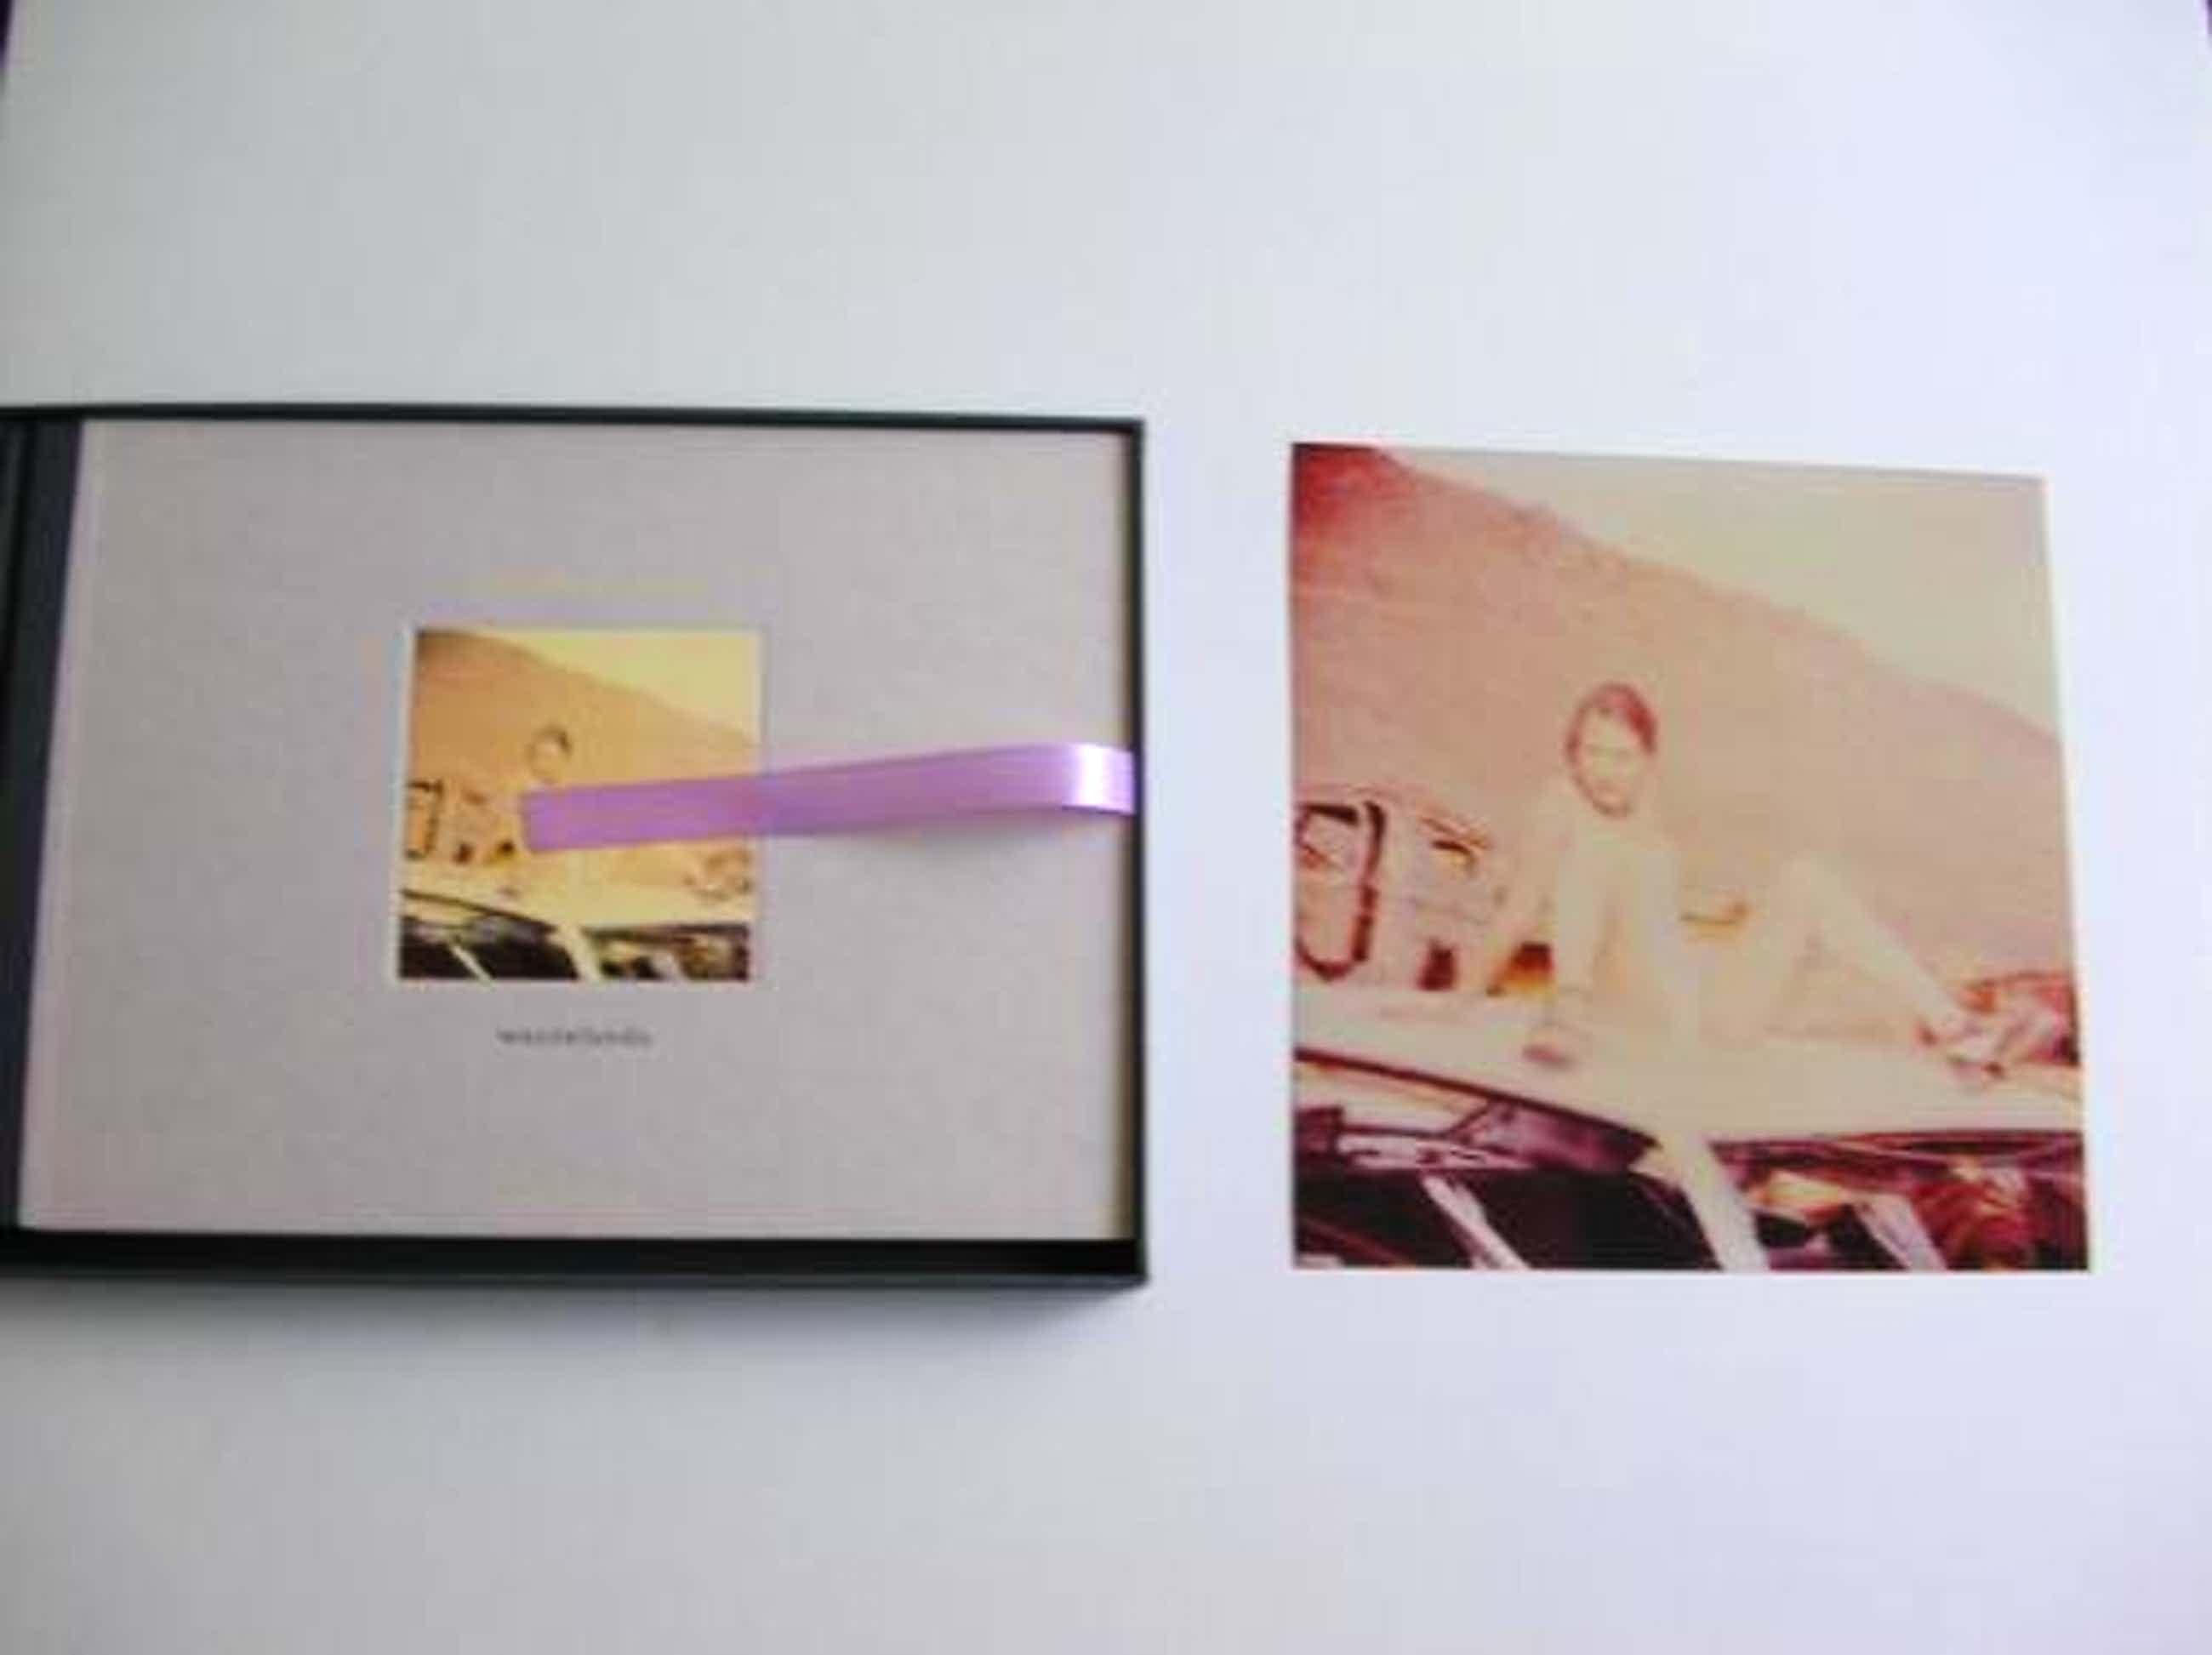 Stefanie Schneider - Wastelands - C-print plus Kassette 8/50, handsigniert kopen? Bied vanaf 450!